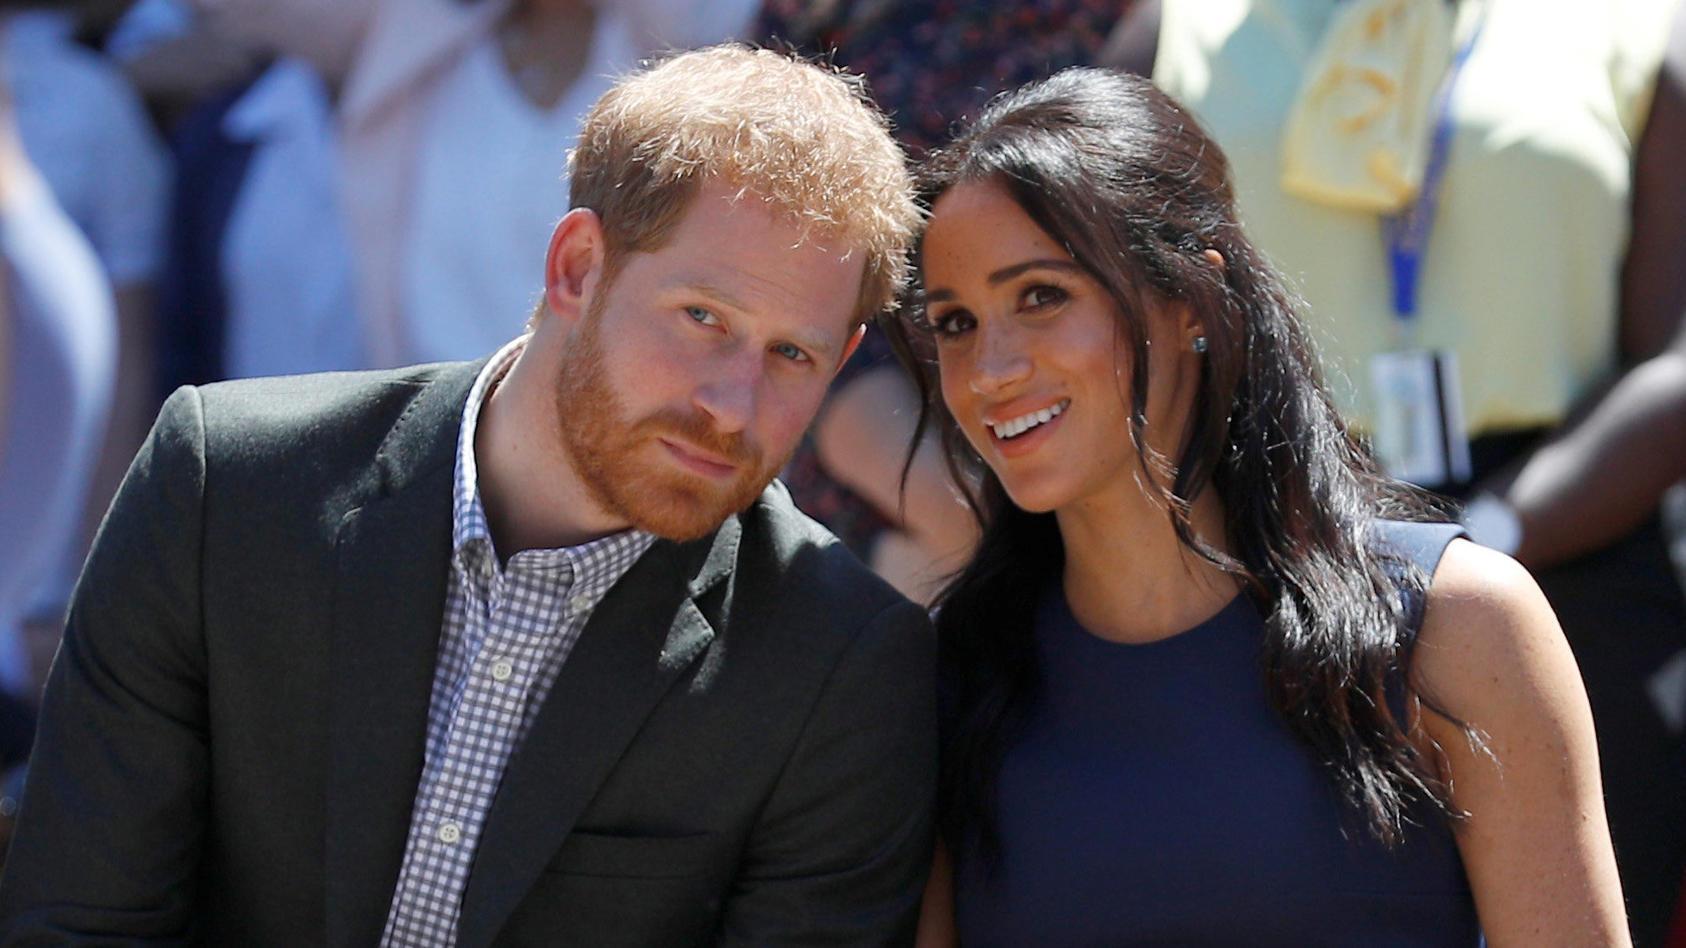 Der Name von Prinz Harrys und Herzogin Meghans Tochter sorgt weiter für Wirbel